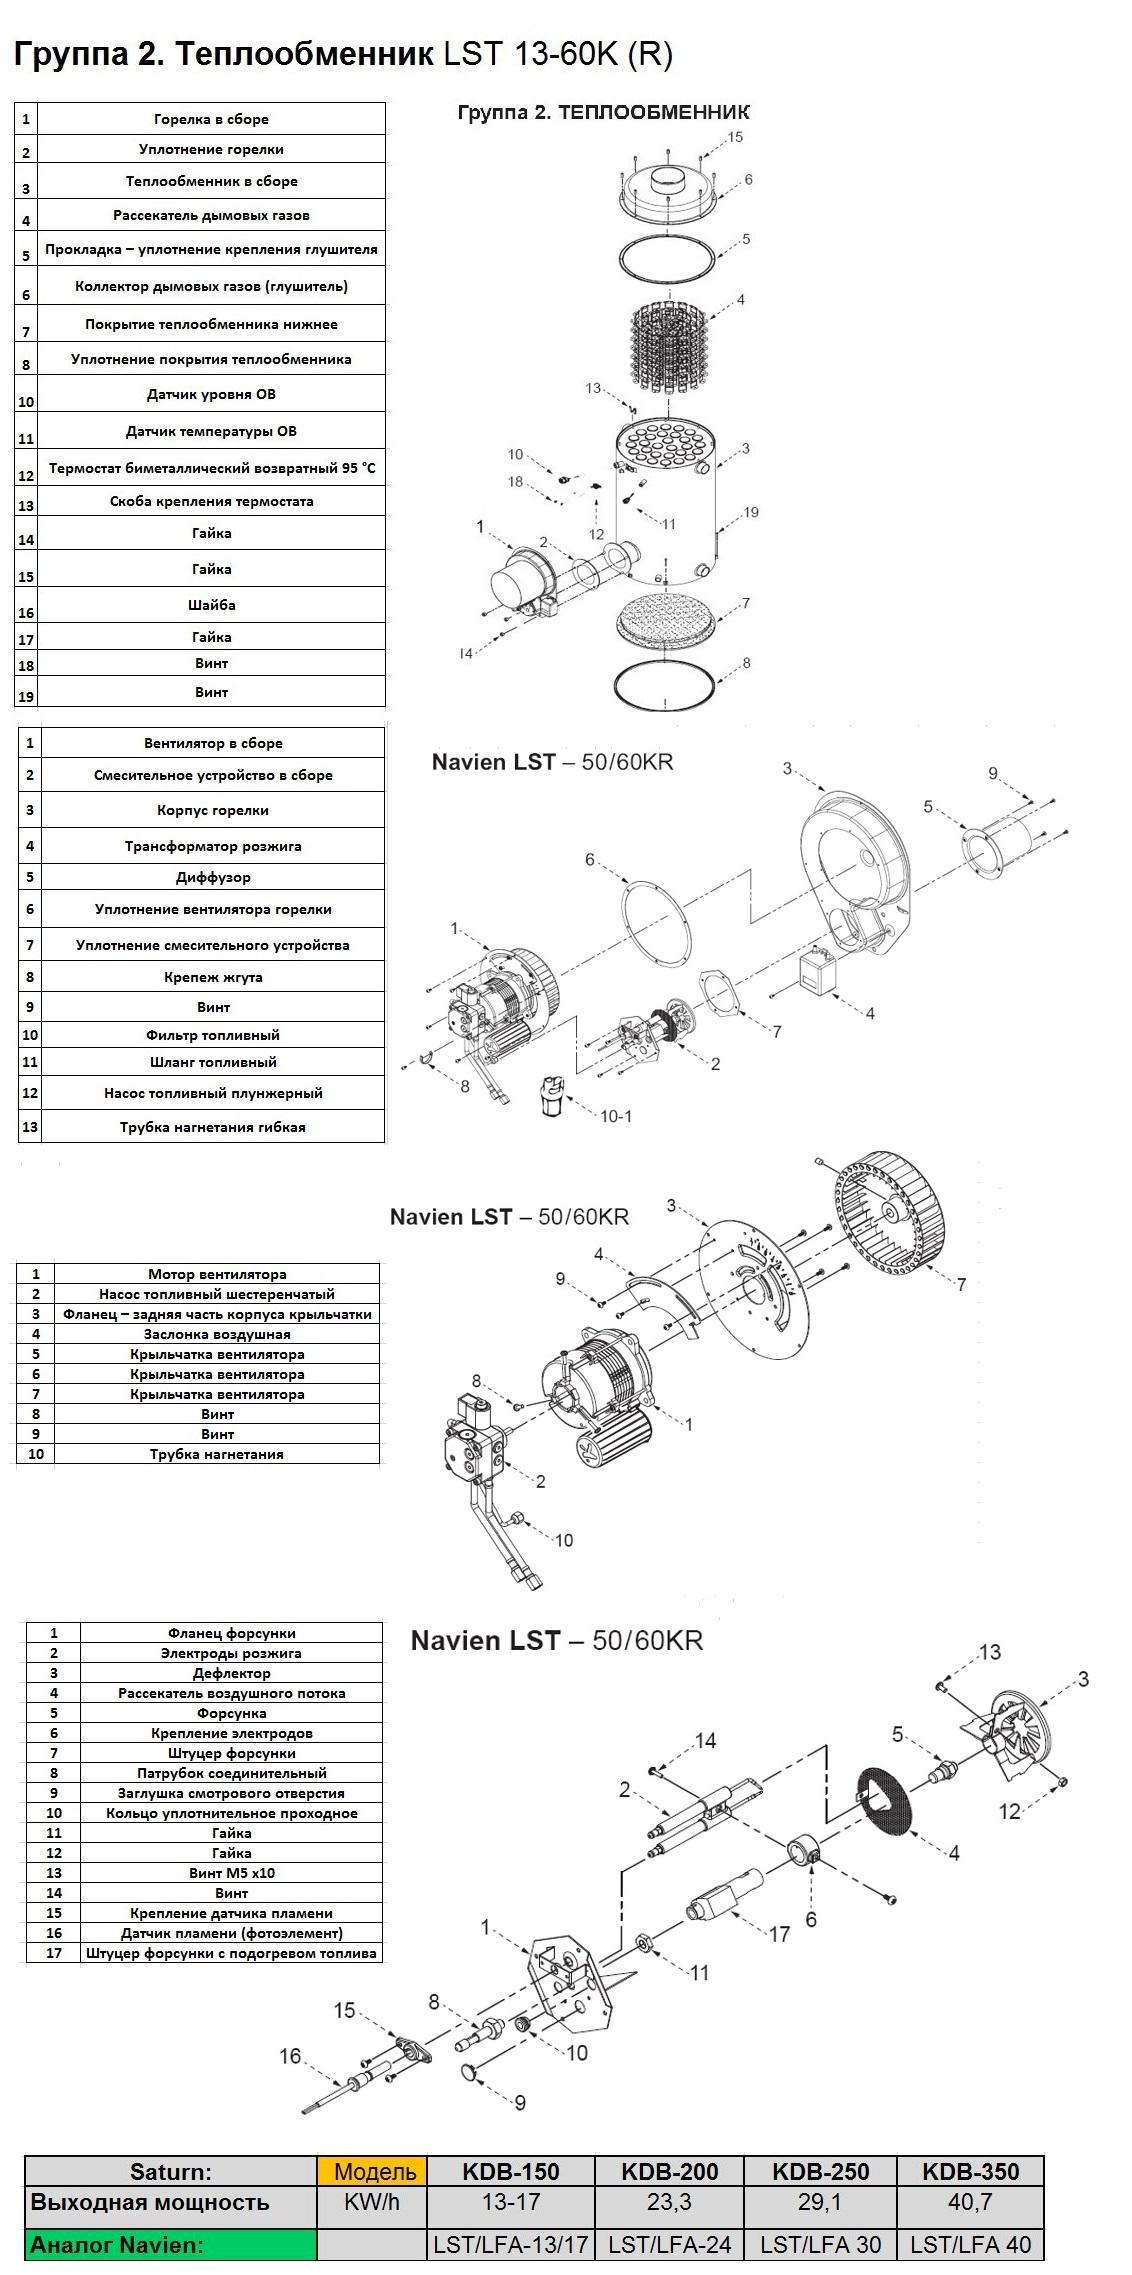 Navien LST 50-60K(R)